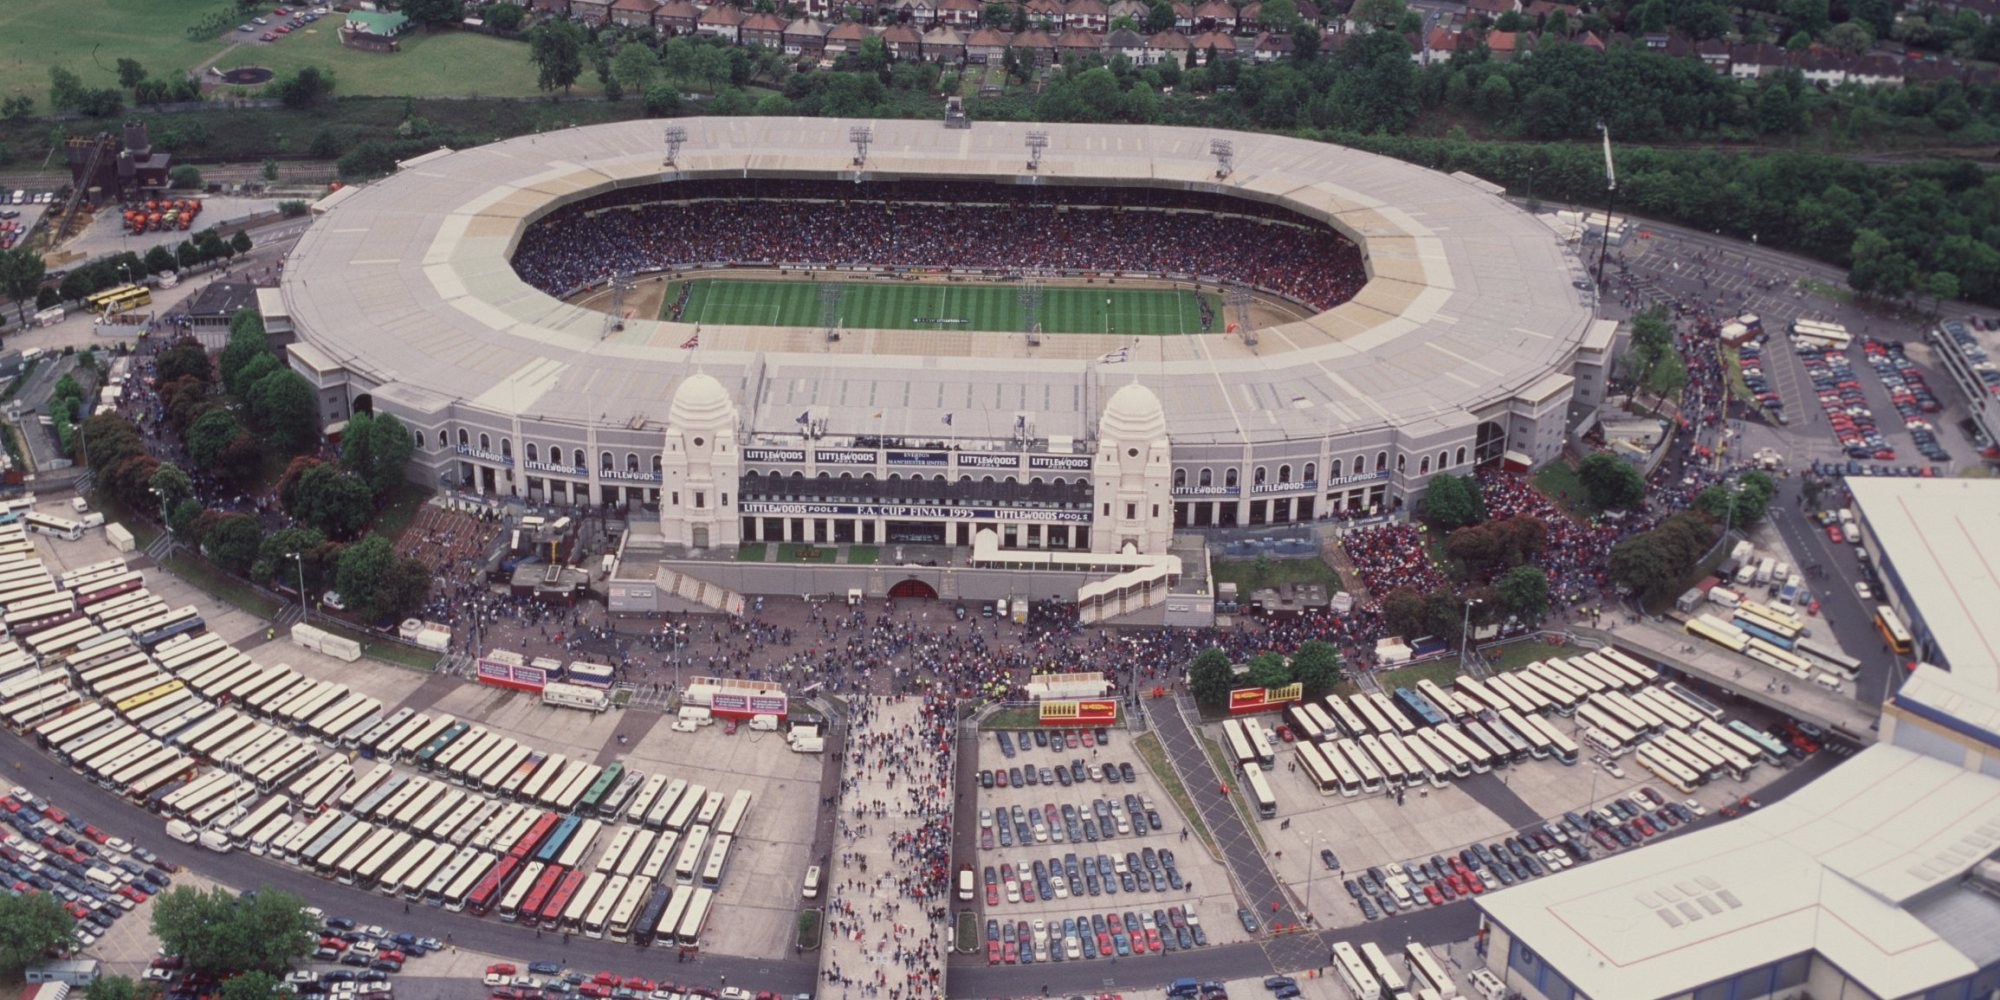 Wembley Stadion Alt